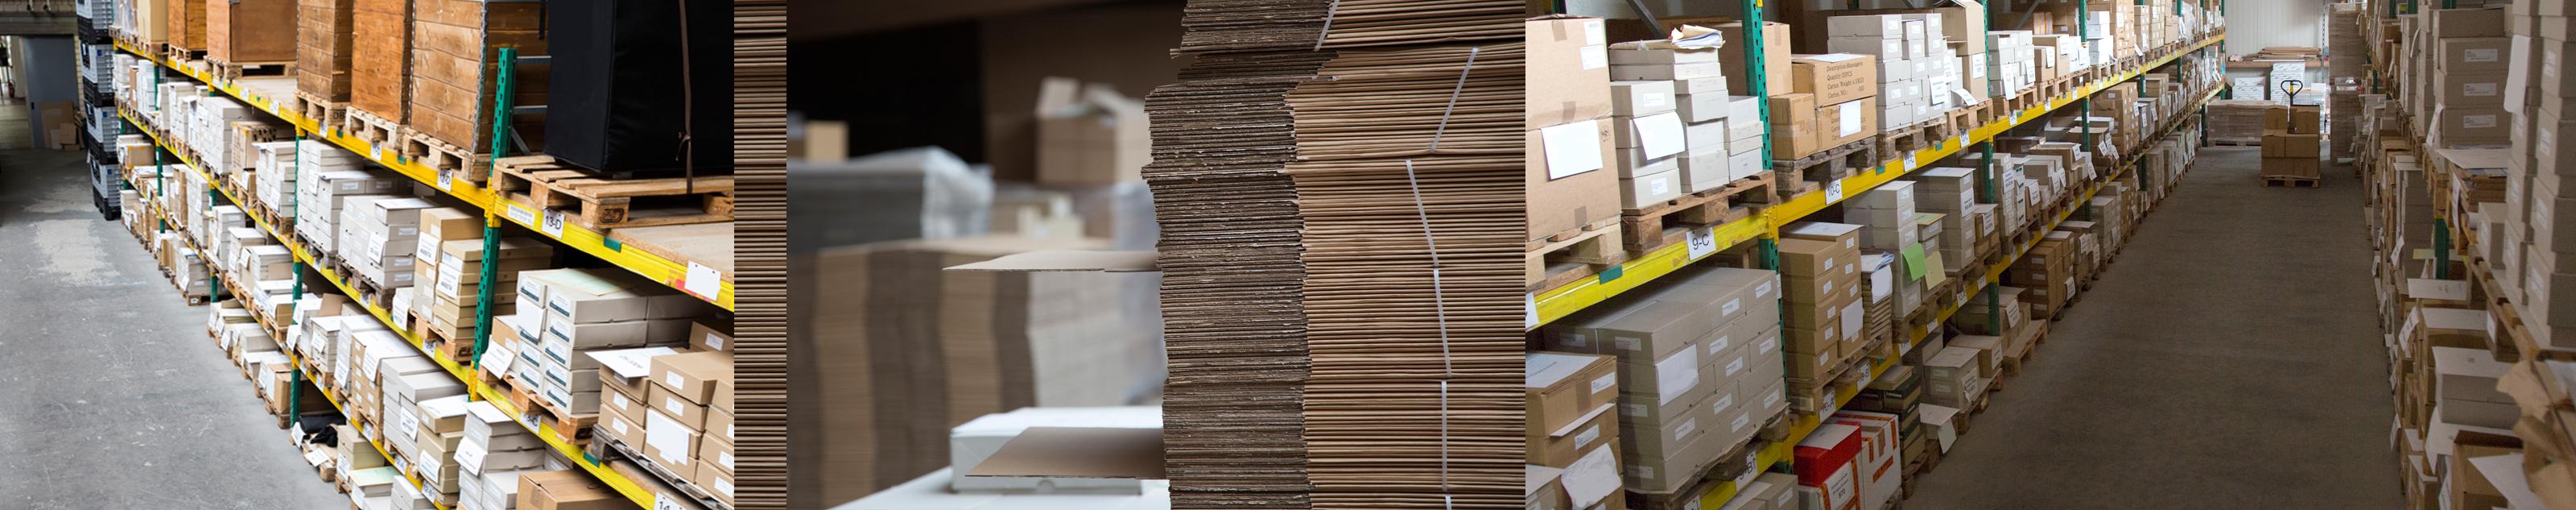 Personalisierbare Artikel, Handelswaren, Lagerartikel, Miet- und Verleihartikel